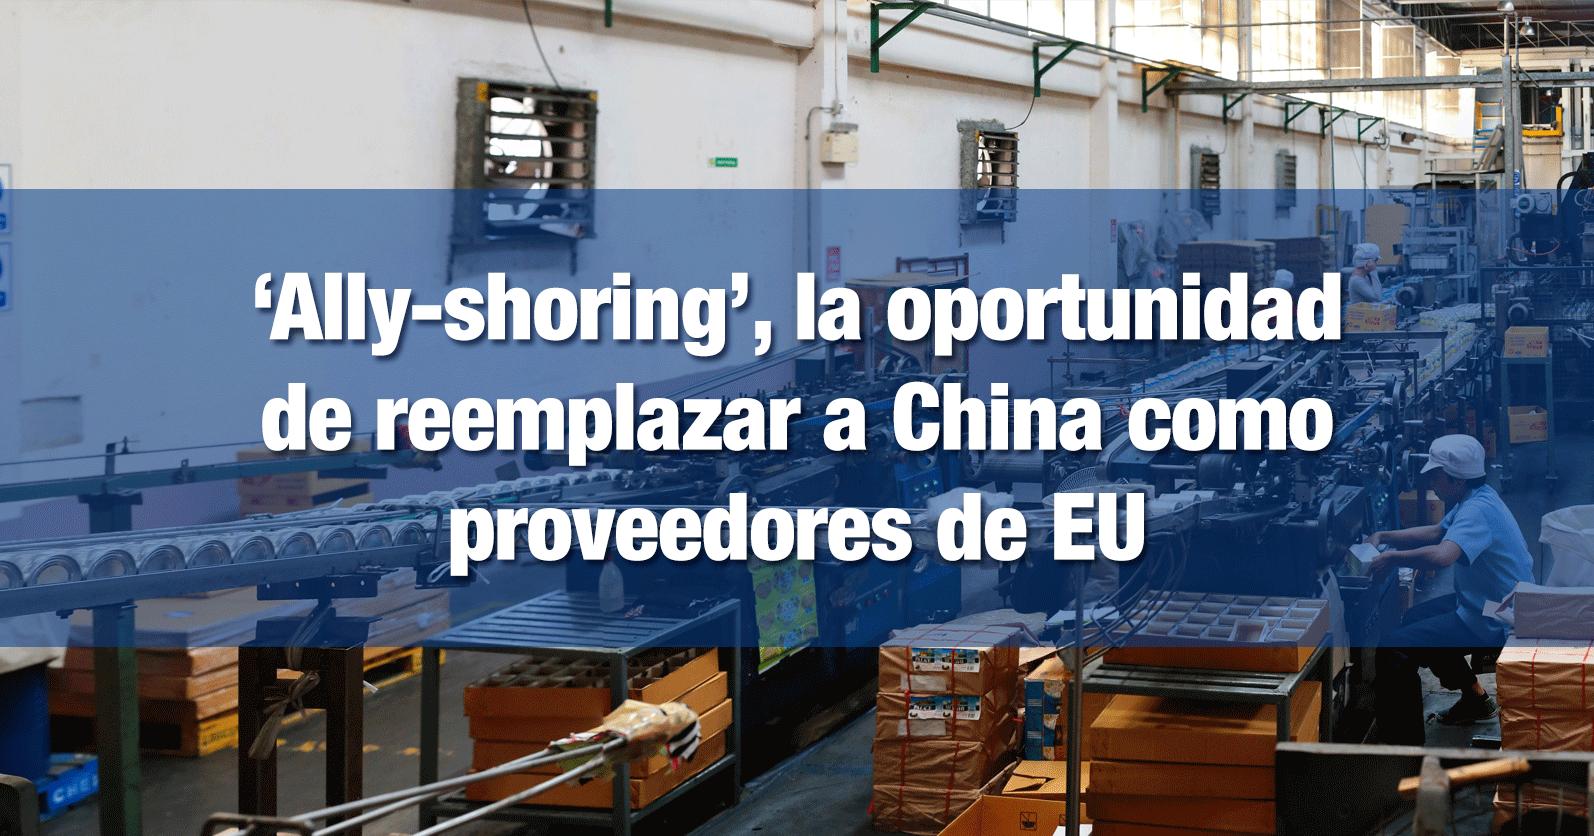 'Ally-shoring', la oportunidad de reemplazar a China como proveedores de EU